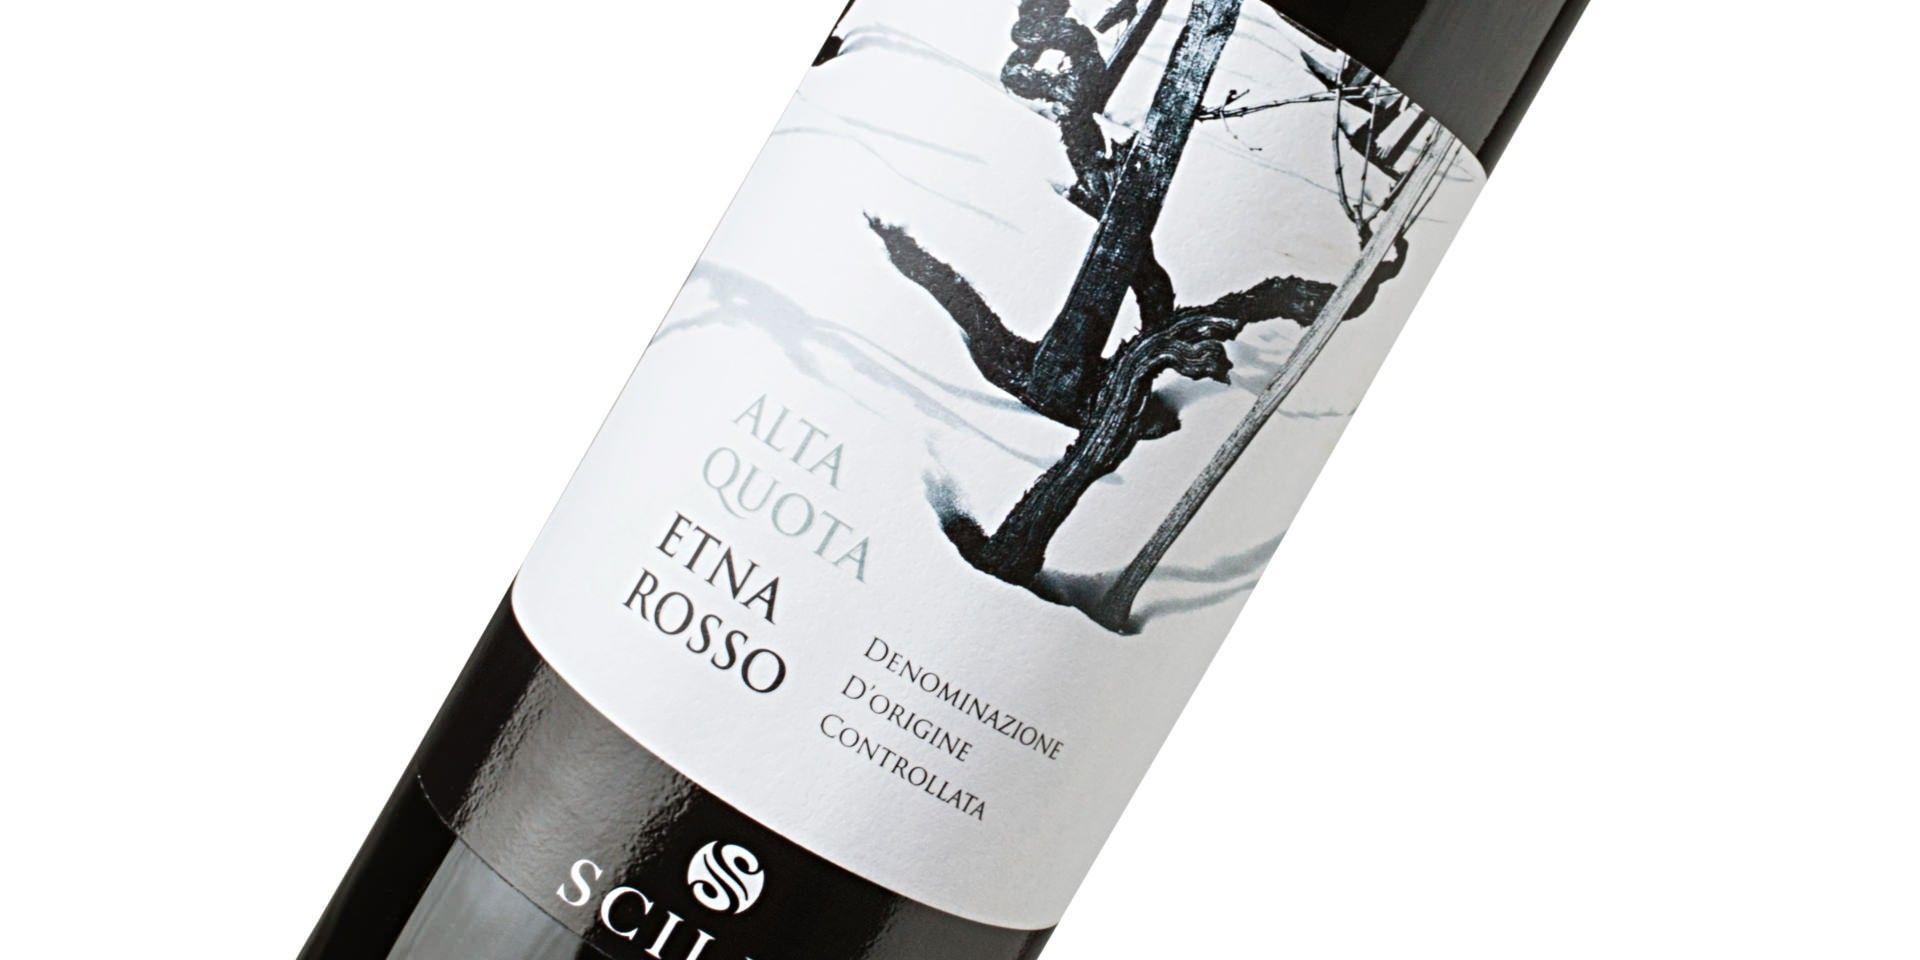 riconoscere un buon vino dall'etichetta